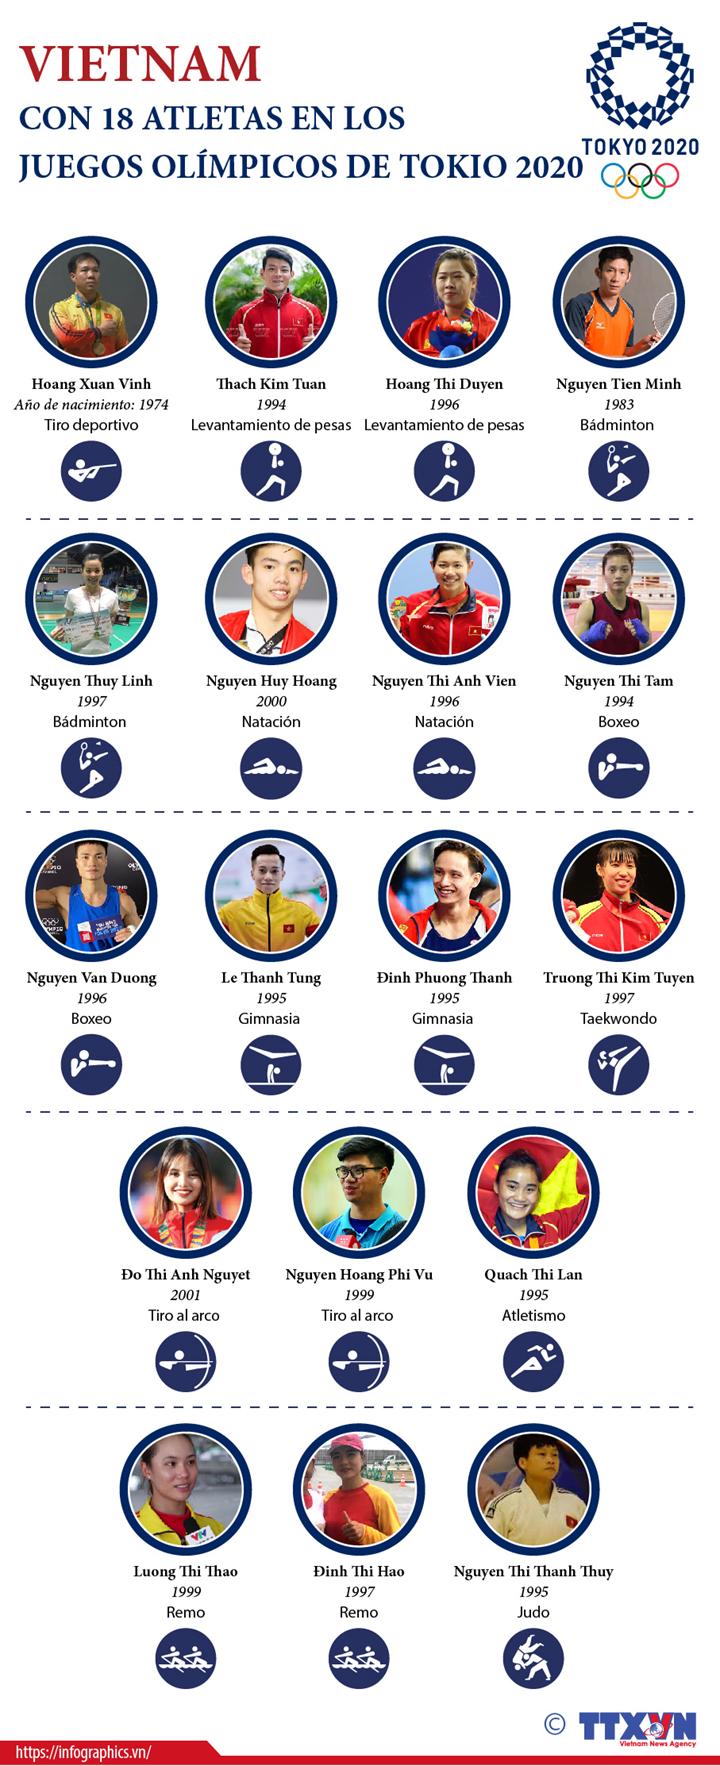 Los 18 atletas vietnamitas que participan en los Juegos Olímpicos de Tokio